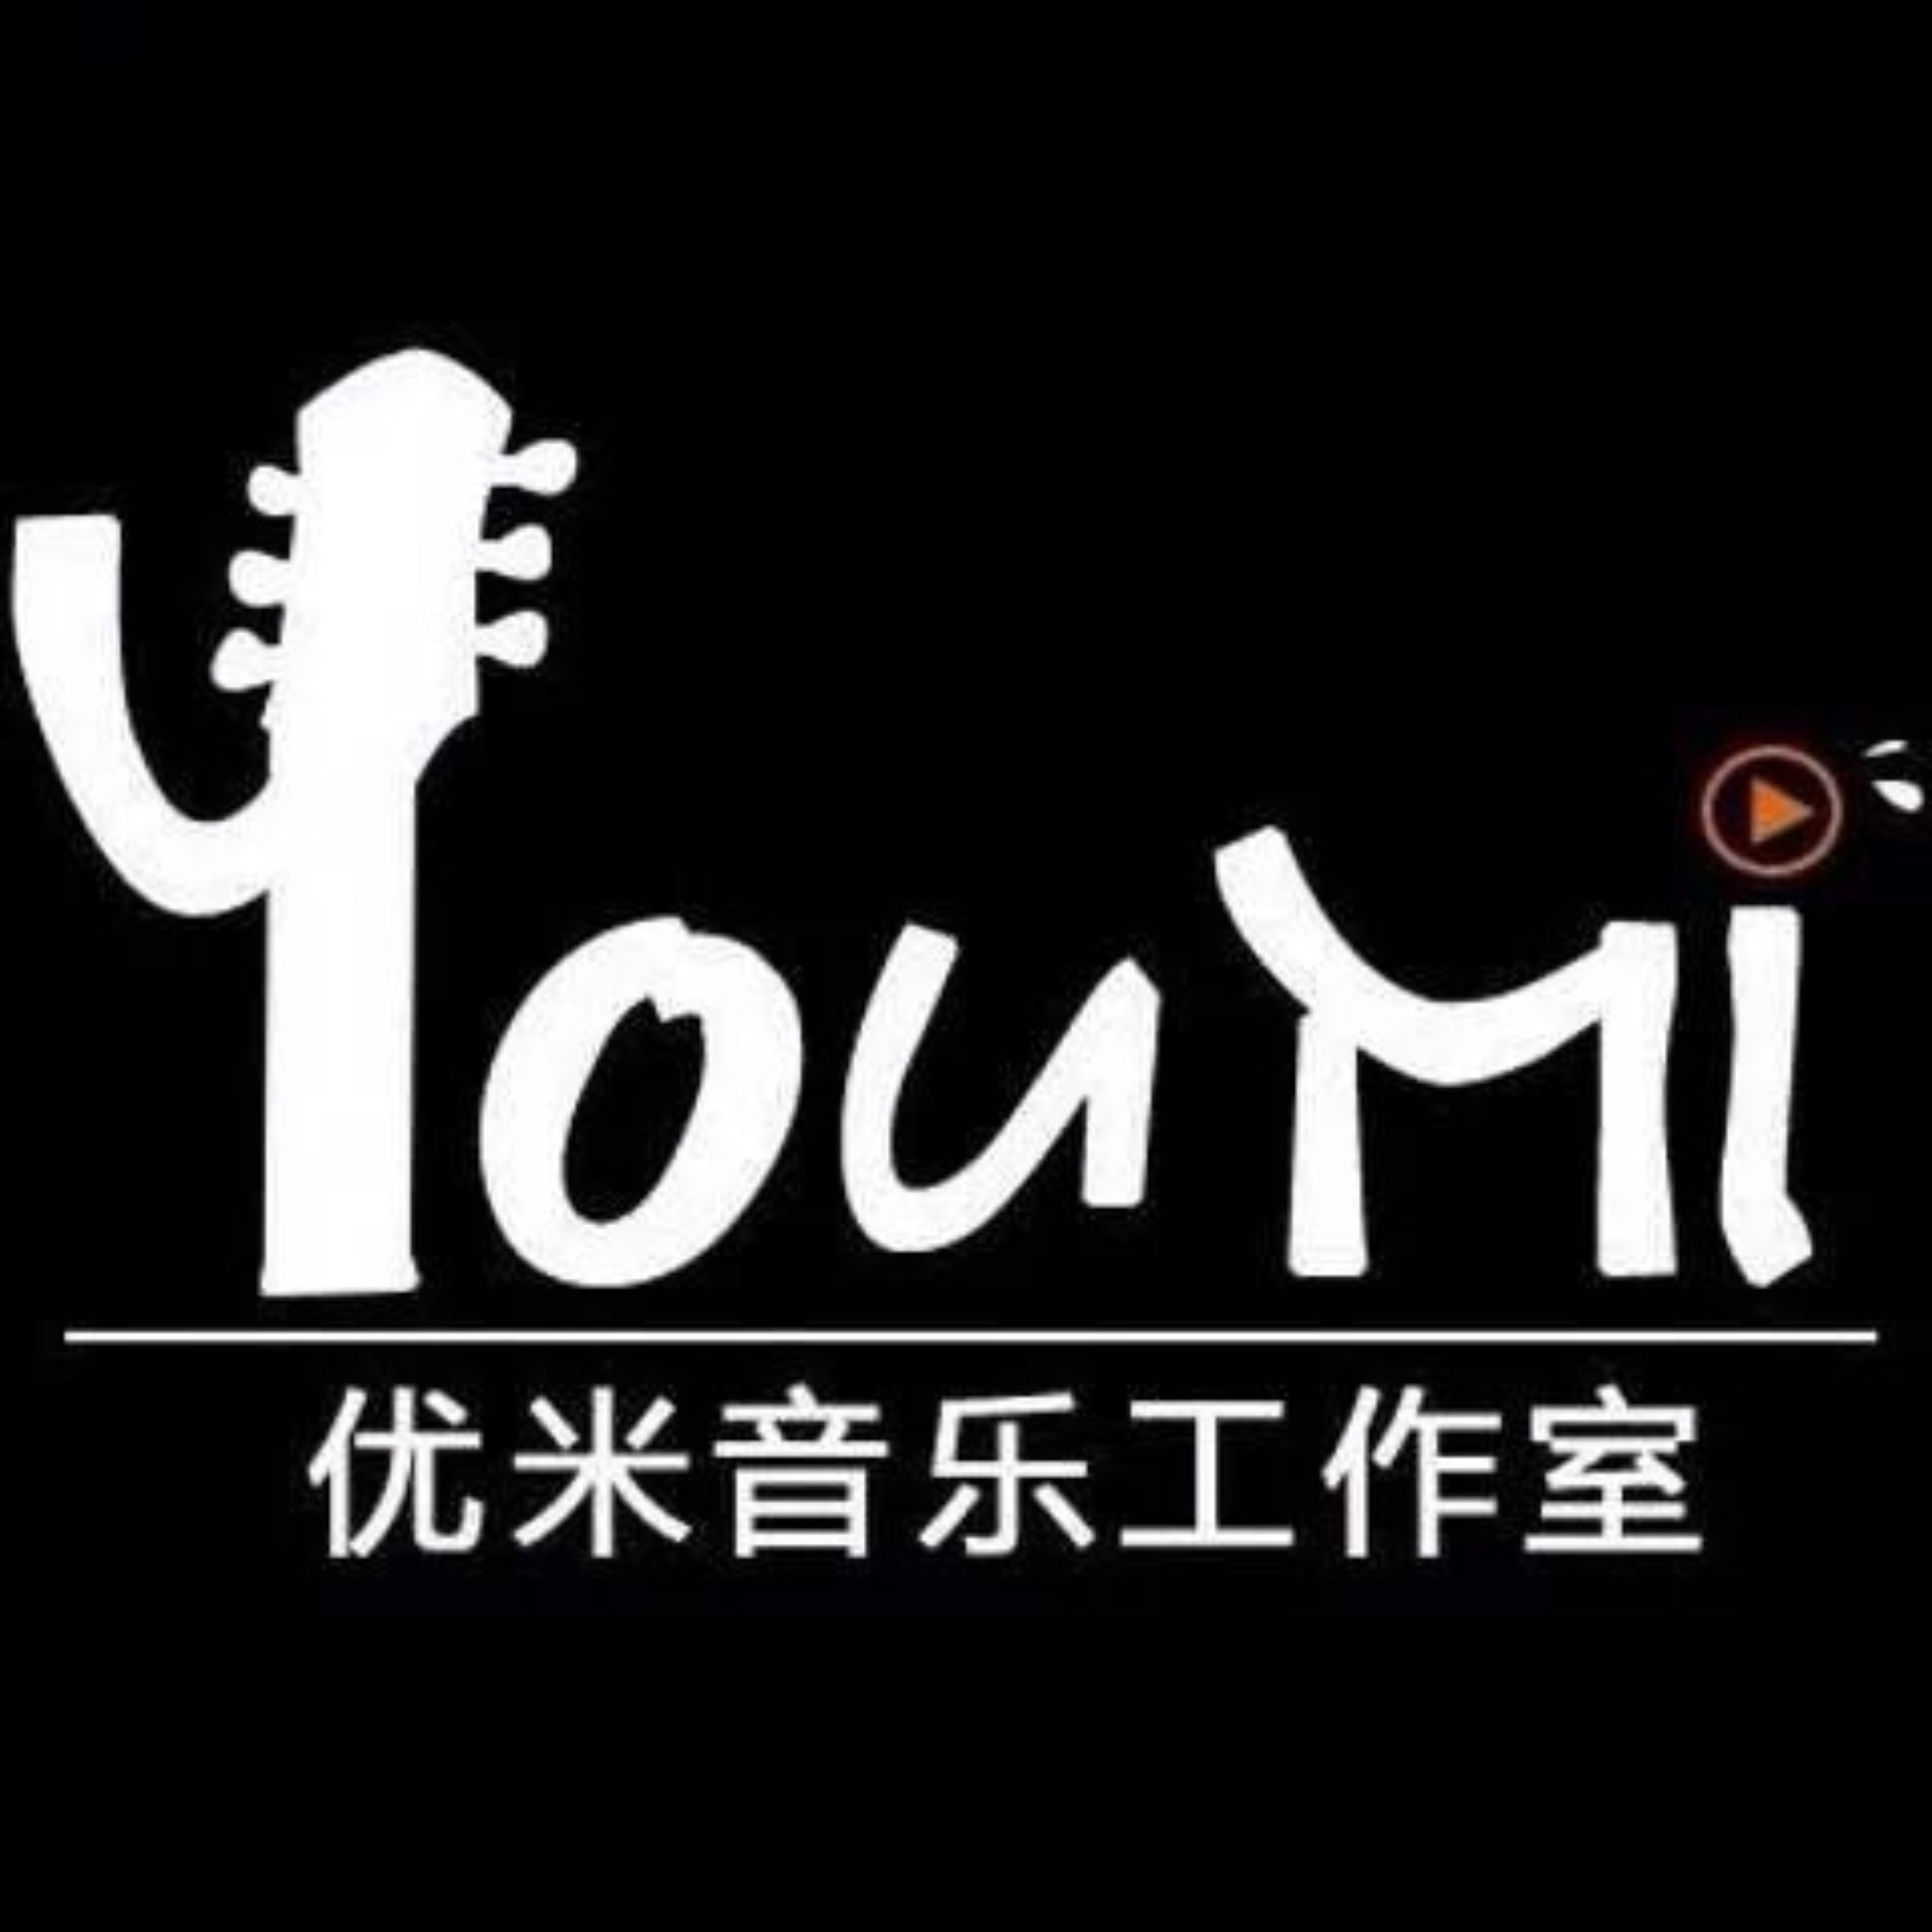 波克棋牌官网下载:【官方】GBAMSC-Hmmsim2广州地铁14号线模拟驾驶宣传片